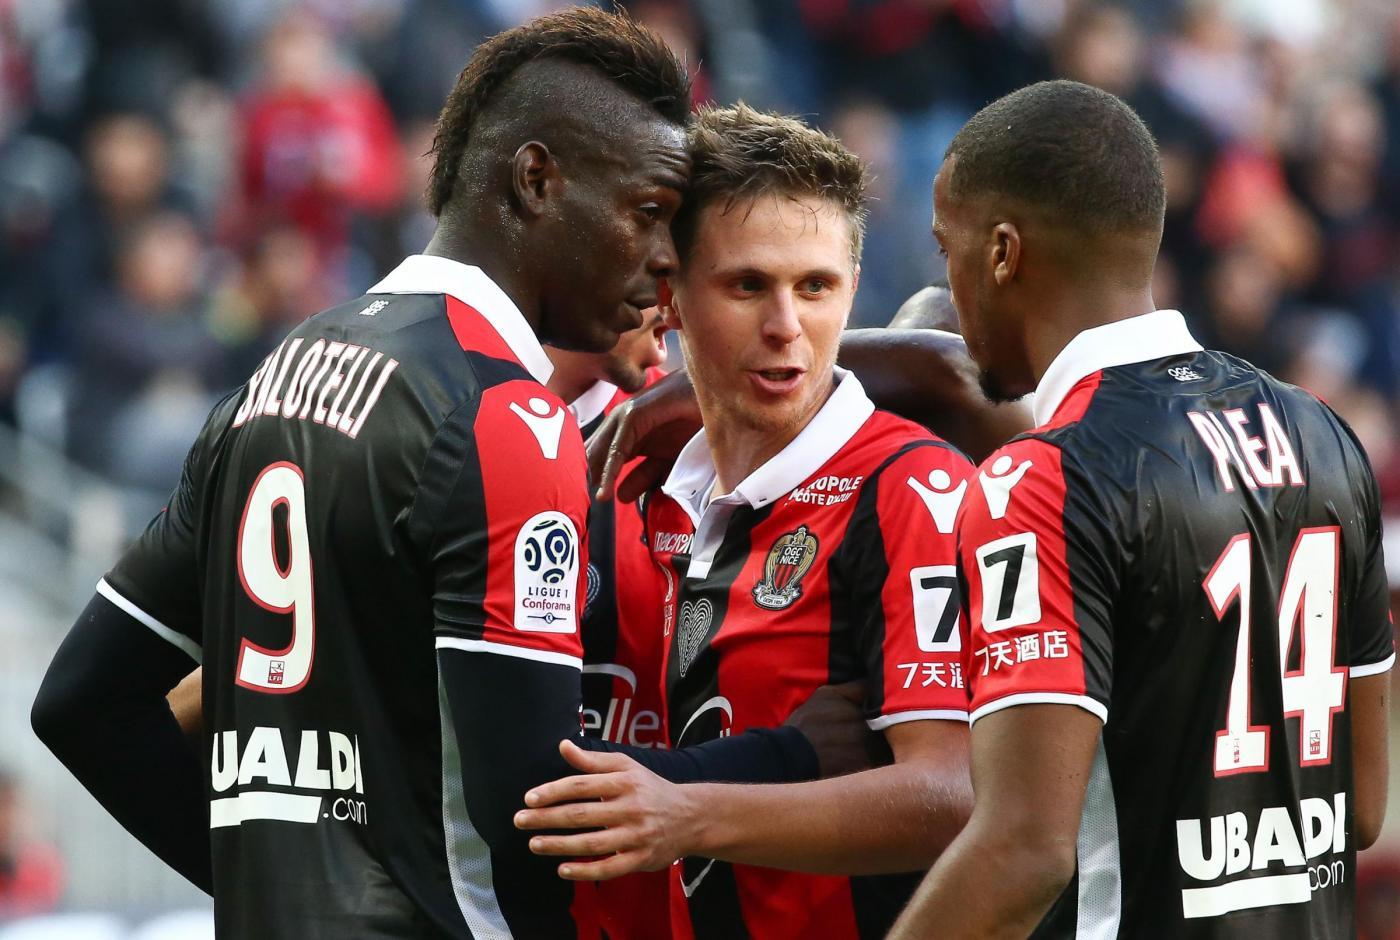 Nizza-Angers 4 dicembre: si gioca per la 16 esima giornata della Serie A francese. I padroni di casa sono favoriti per i 3 punti in palio.